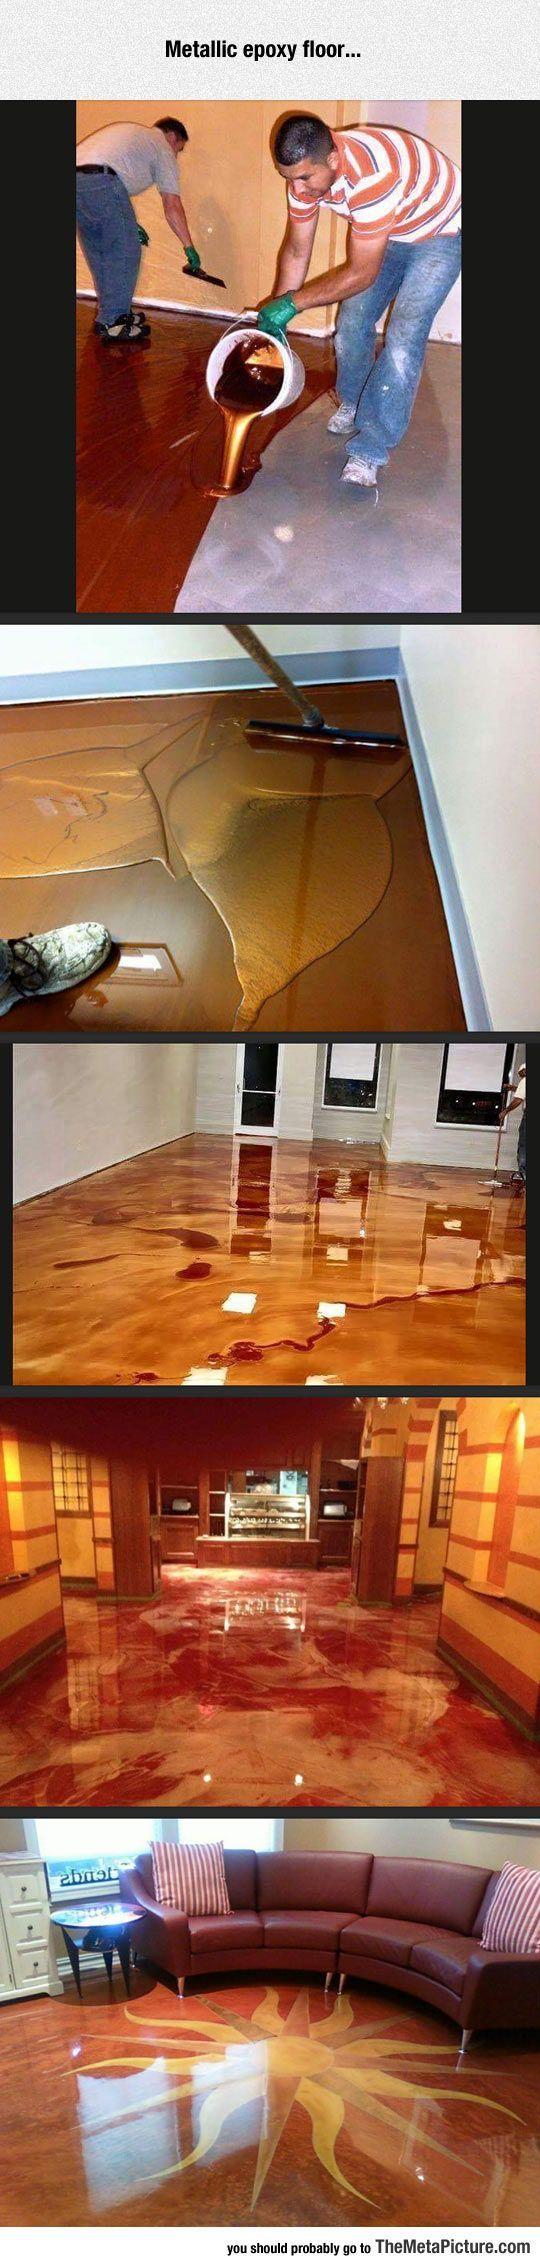 Entzuckend Epoxy Floor: Bodengestaltung, Laminat, Innenausbau, Bodenbelag, Haus  Renovieren, Haus Bauen